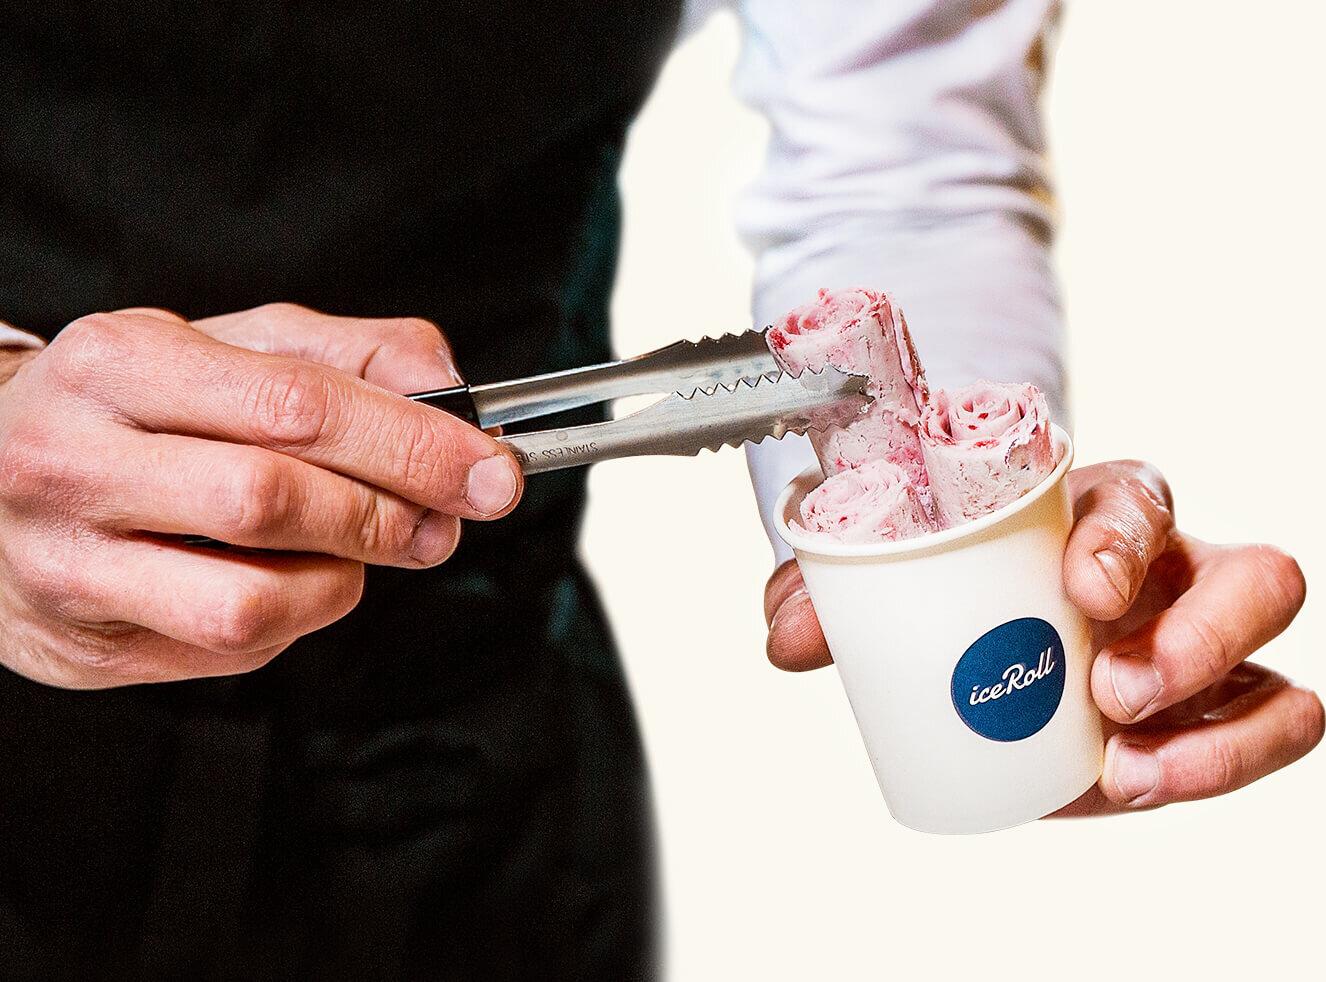 L'expérience iceRoll - Suscitez l'émerveillement lors de votre événement en proposant à vos invités un véritable live-show culinaire. Sur une plaque à -30°, les iceRollers travaillent la glace et les fruits frais. Rapides et précis, ils créent de parfaits rouleaux à déguster instantanément.